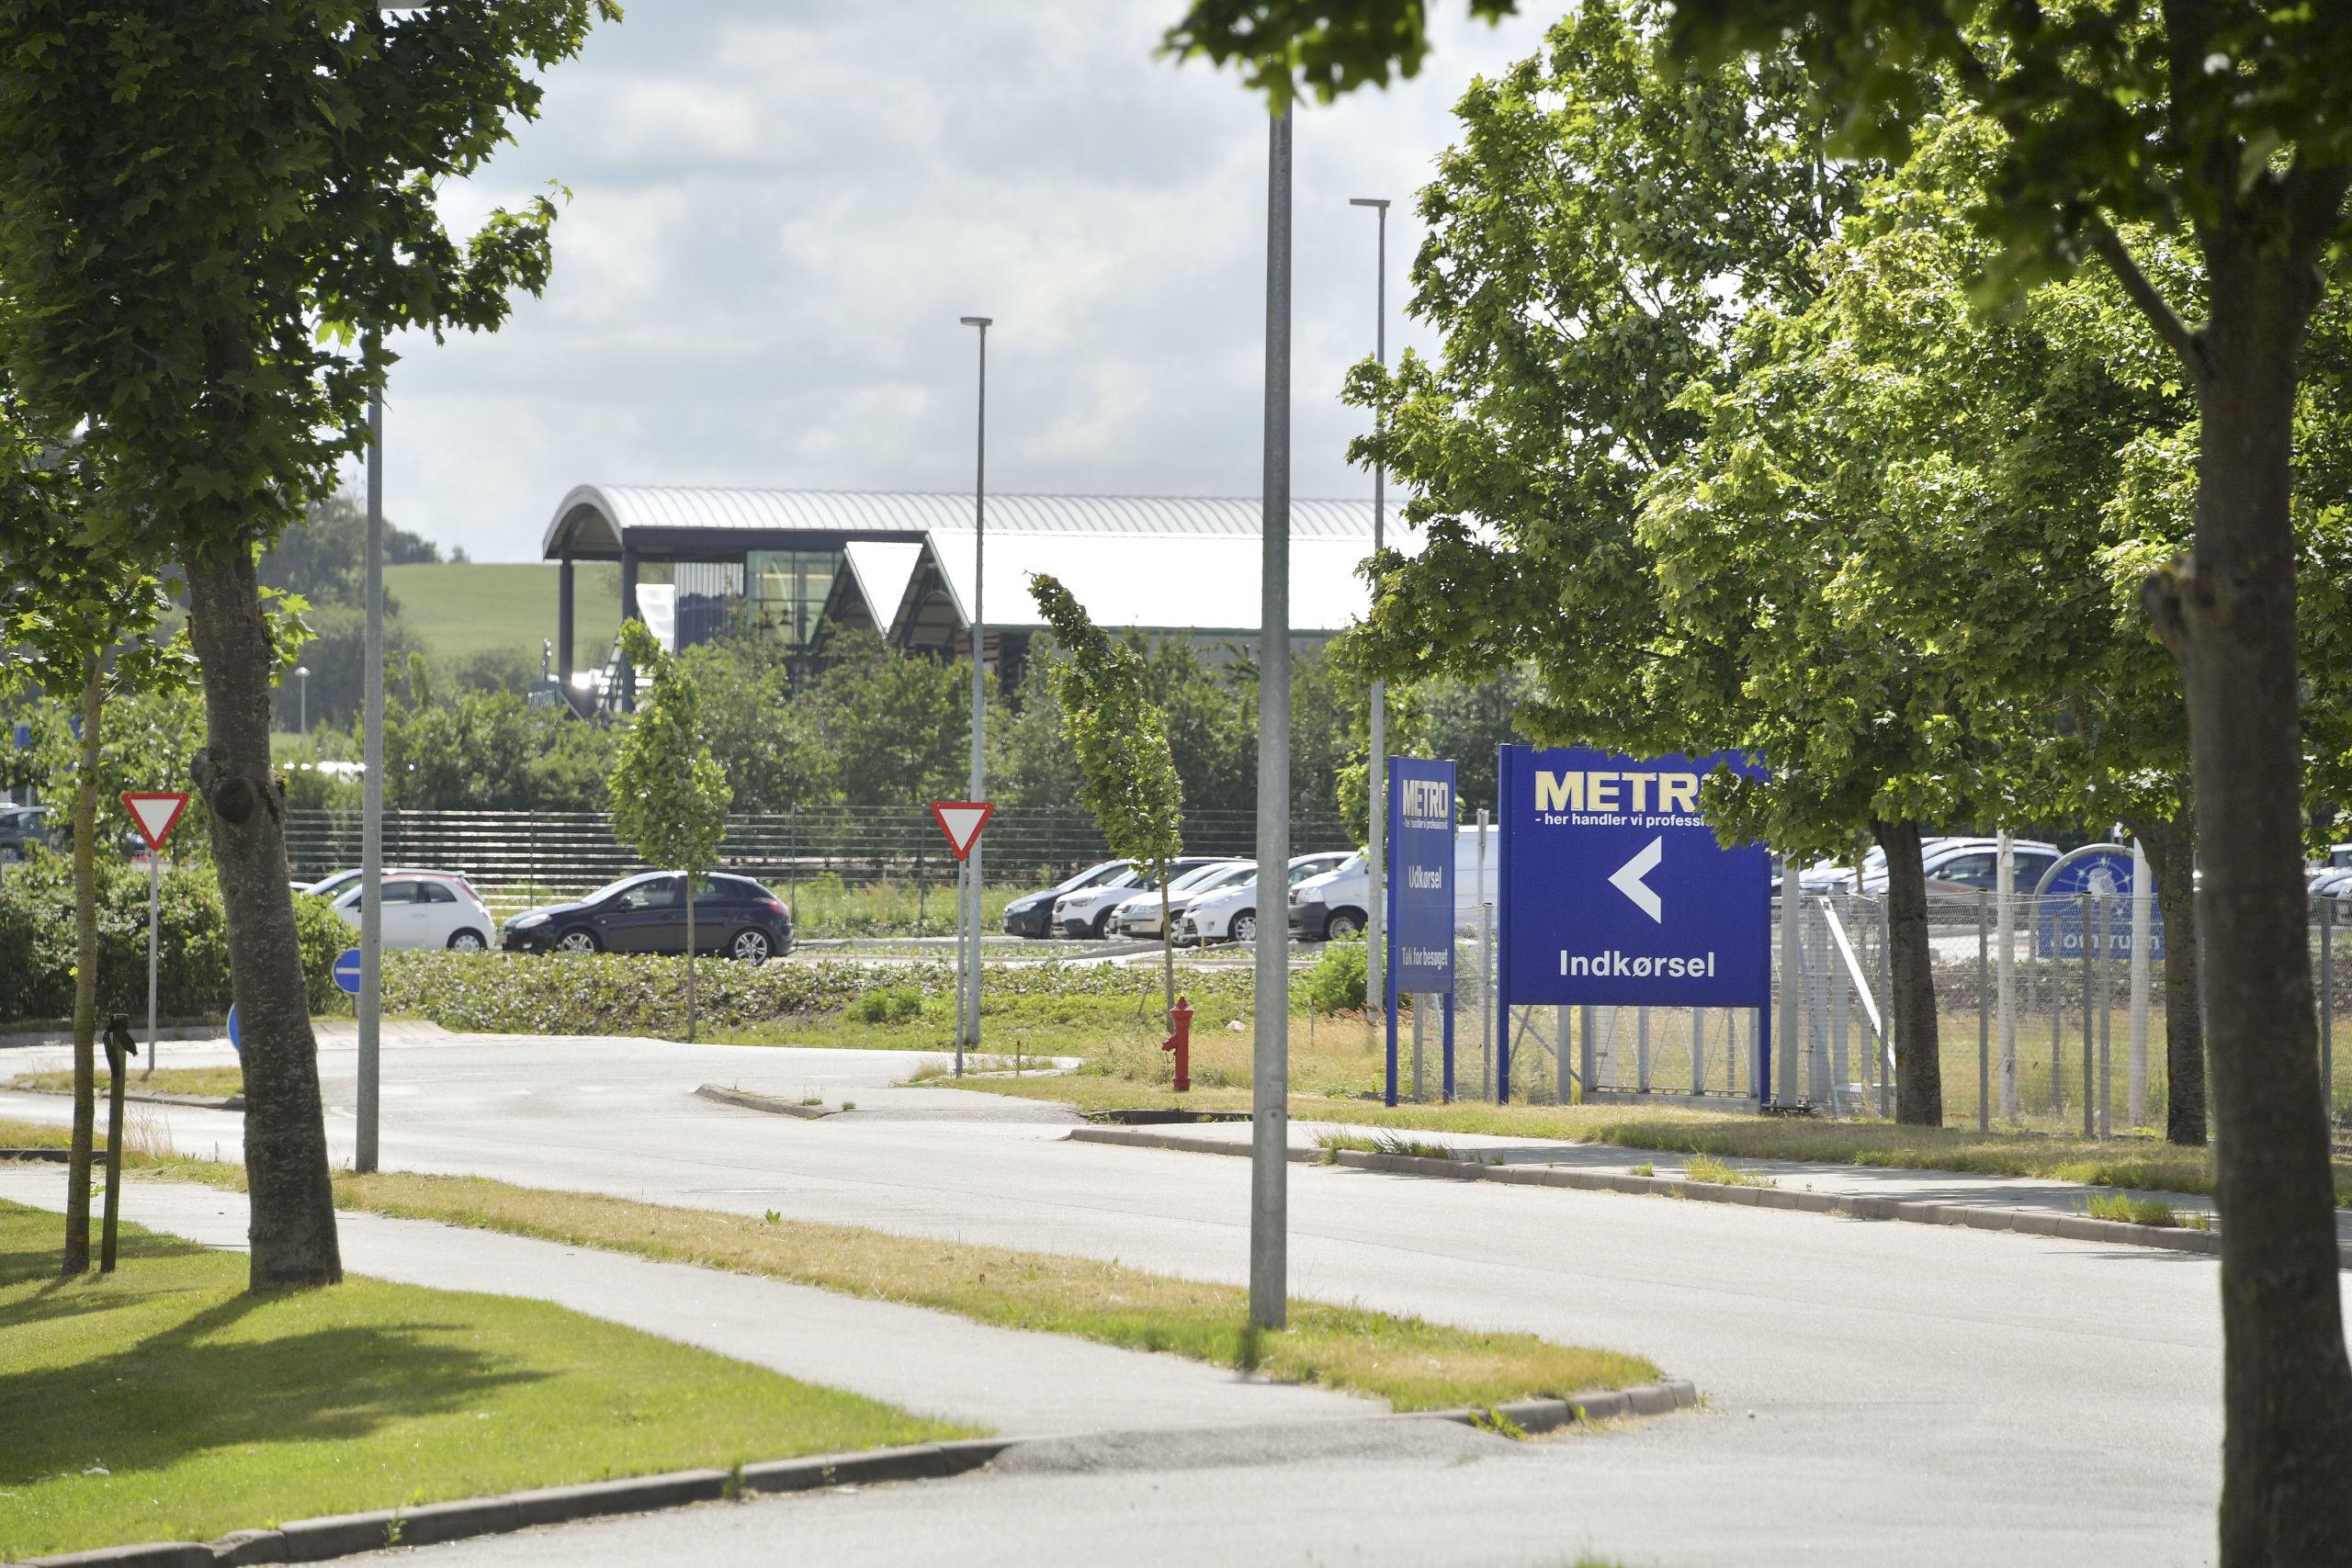 Det store oplevelsescenter rykker ind i den tidligere Metro-bygning. Arkivfoto: Claus Søndberg